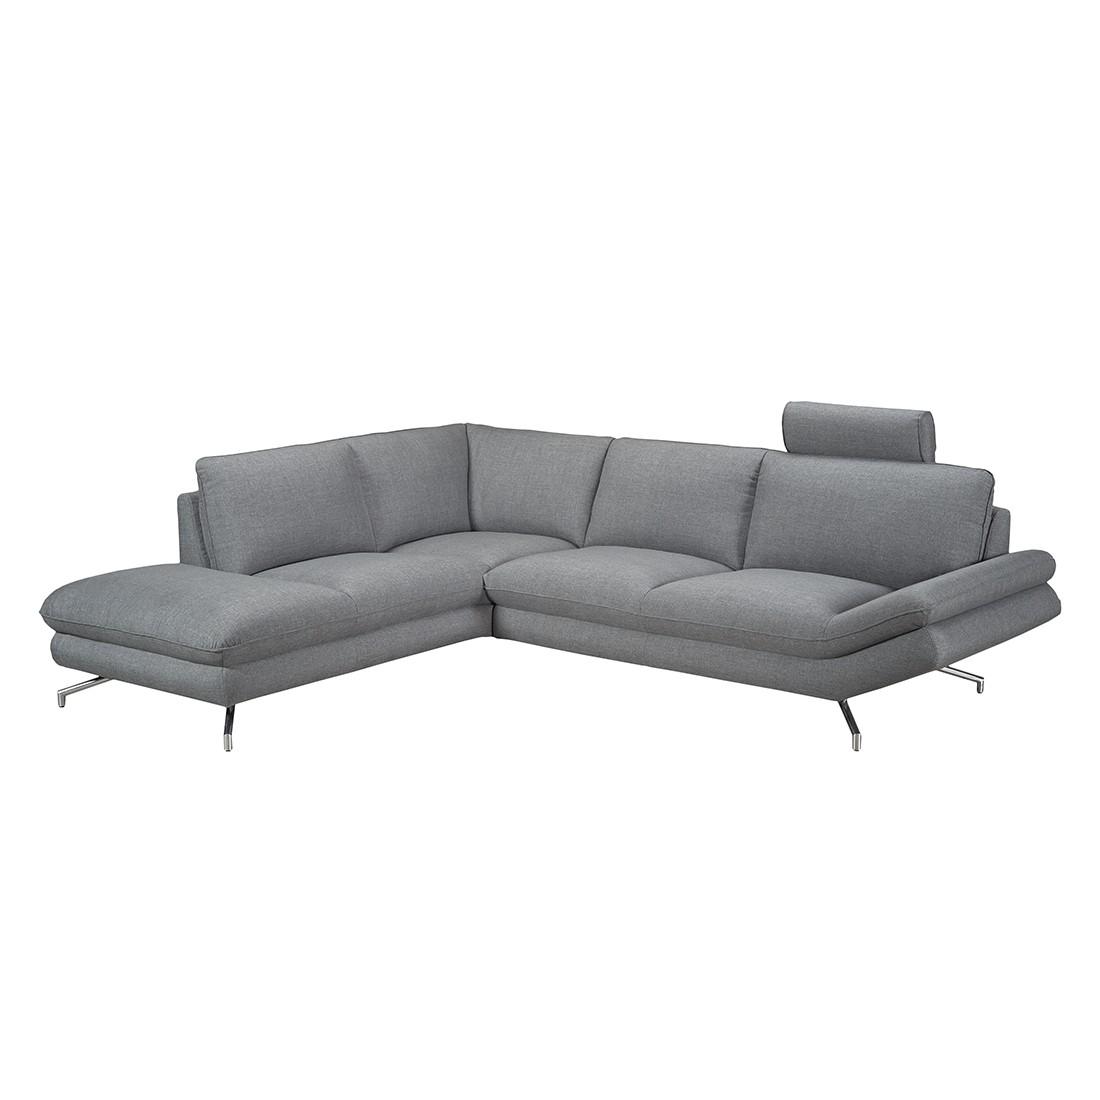 Canapé d'angle Sharon - Tissu gris - Méridienne à gauche (vue de face) - 2 appuis-tête, loftscape